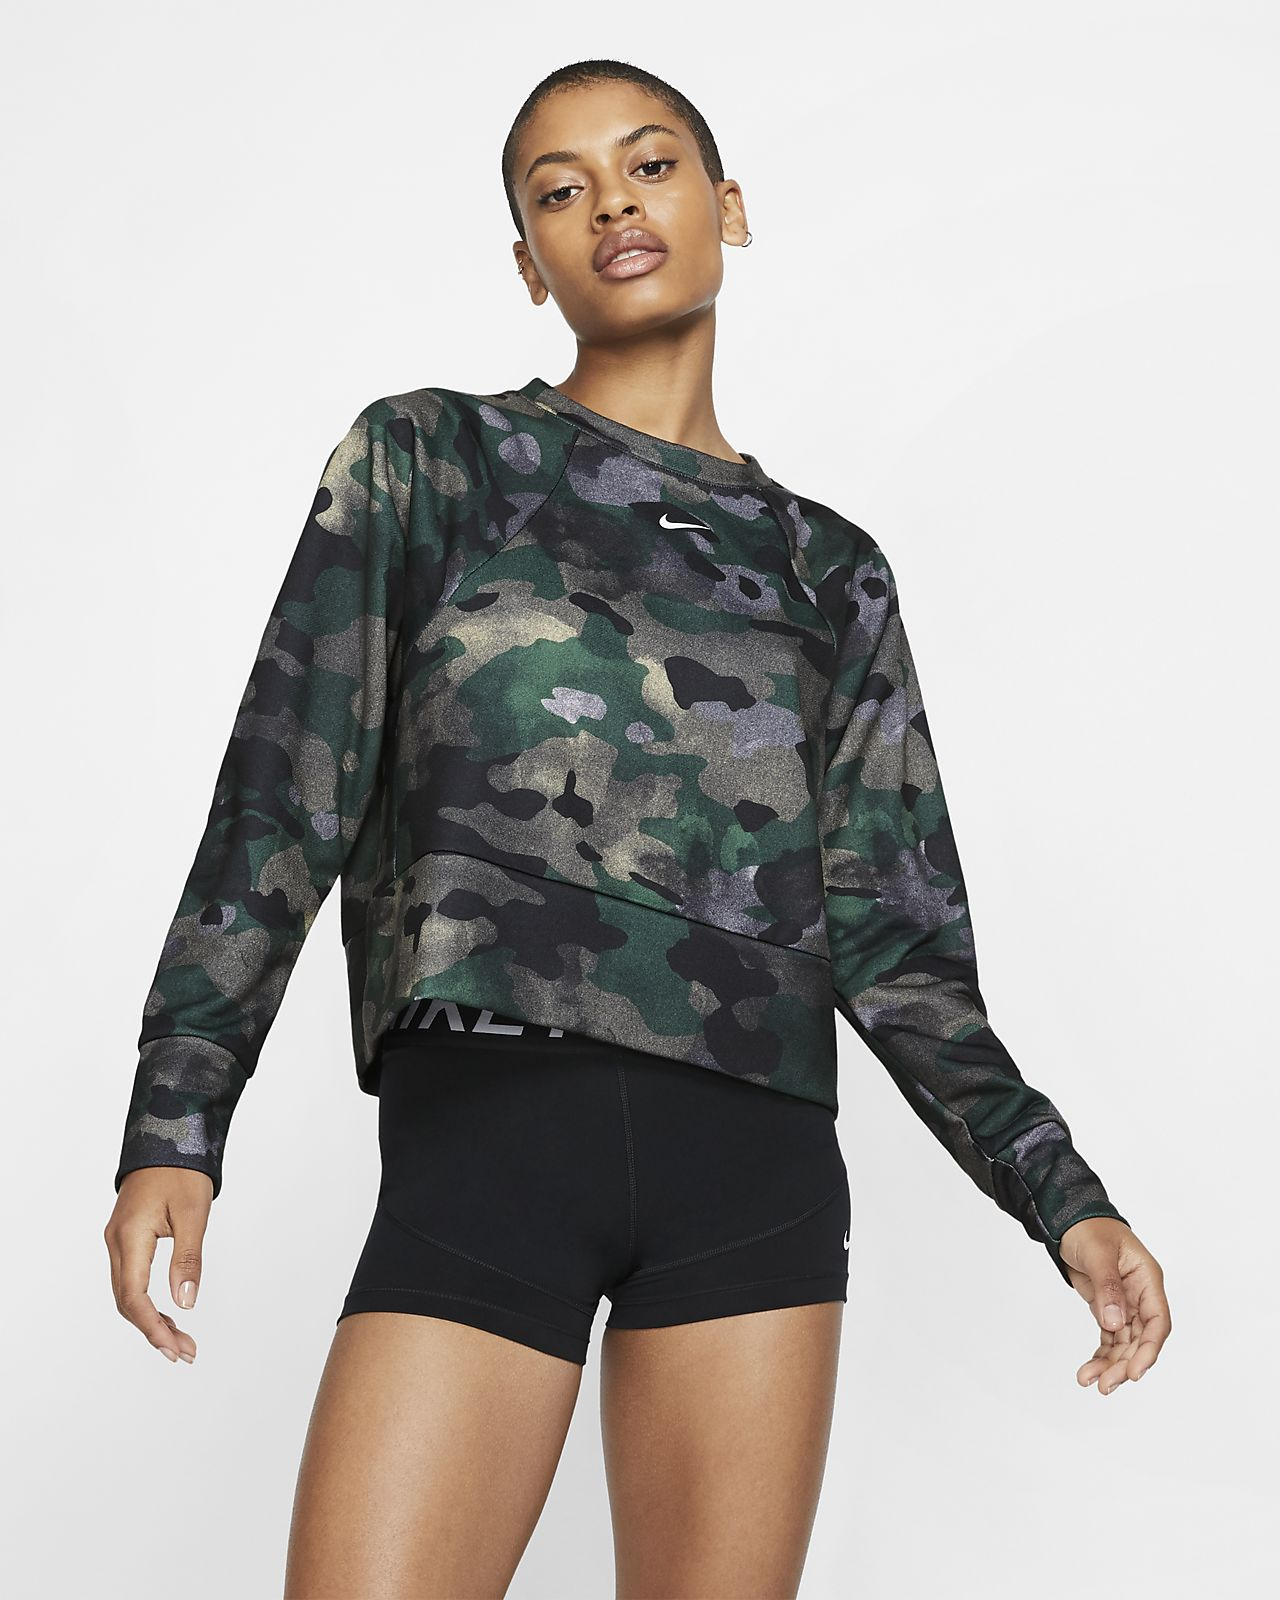 Haut de training camouflage en Fleece Nike Dri-FIT pour Femme